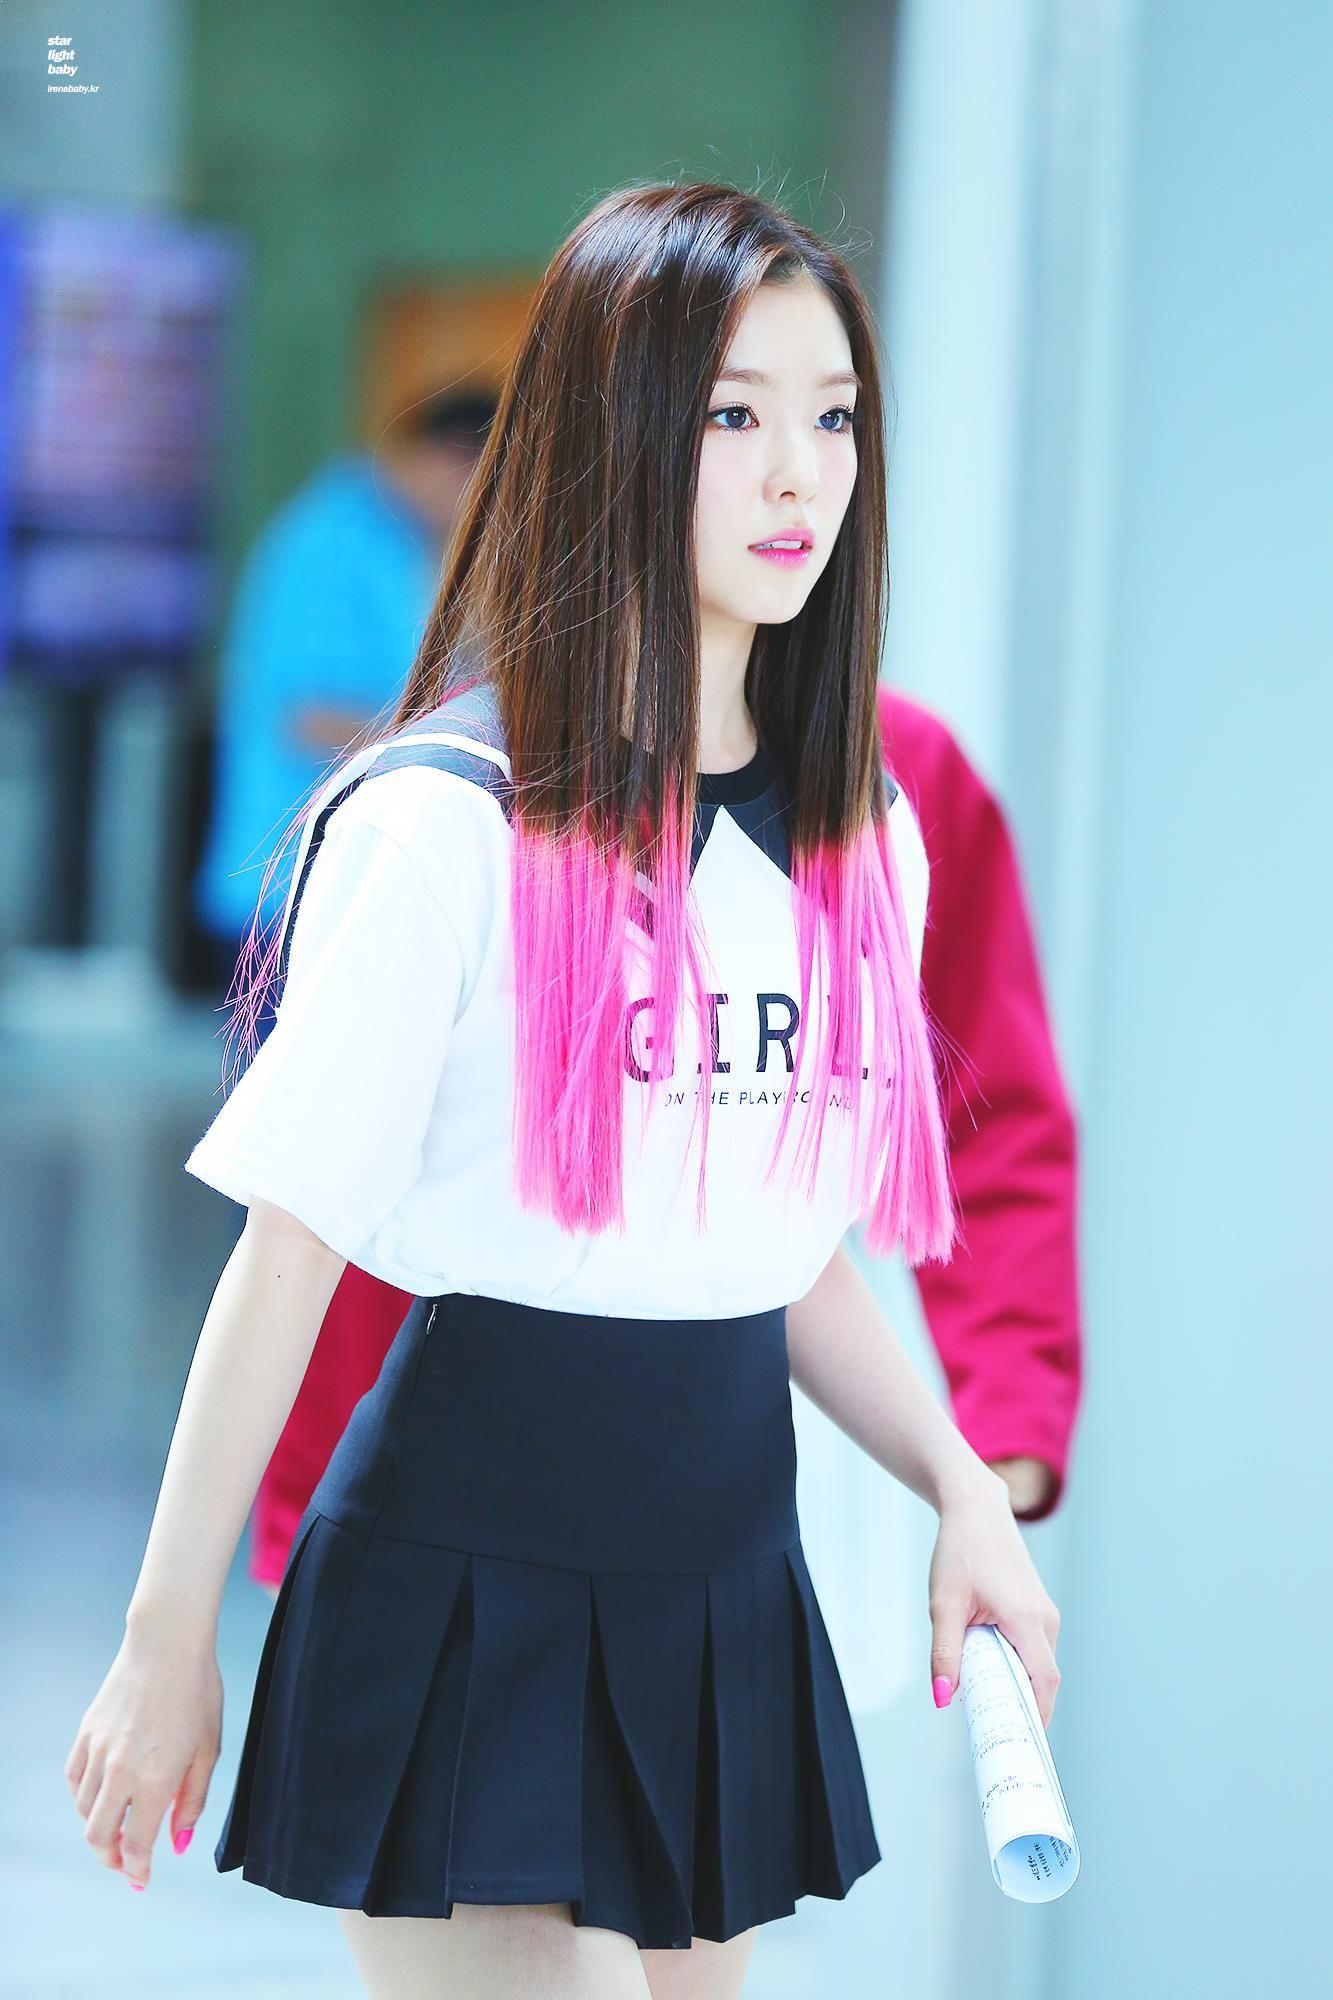 Irene Irene Profile Kpop Irene Red Velvet Profile Red Velvet Irene Red Velvet Irene Profile Red Velvet Irene Hot Wanita Gadis Korea Foto Sahabat